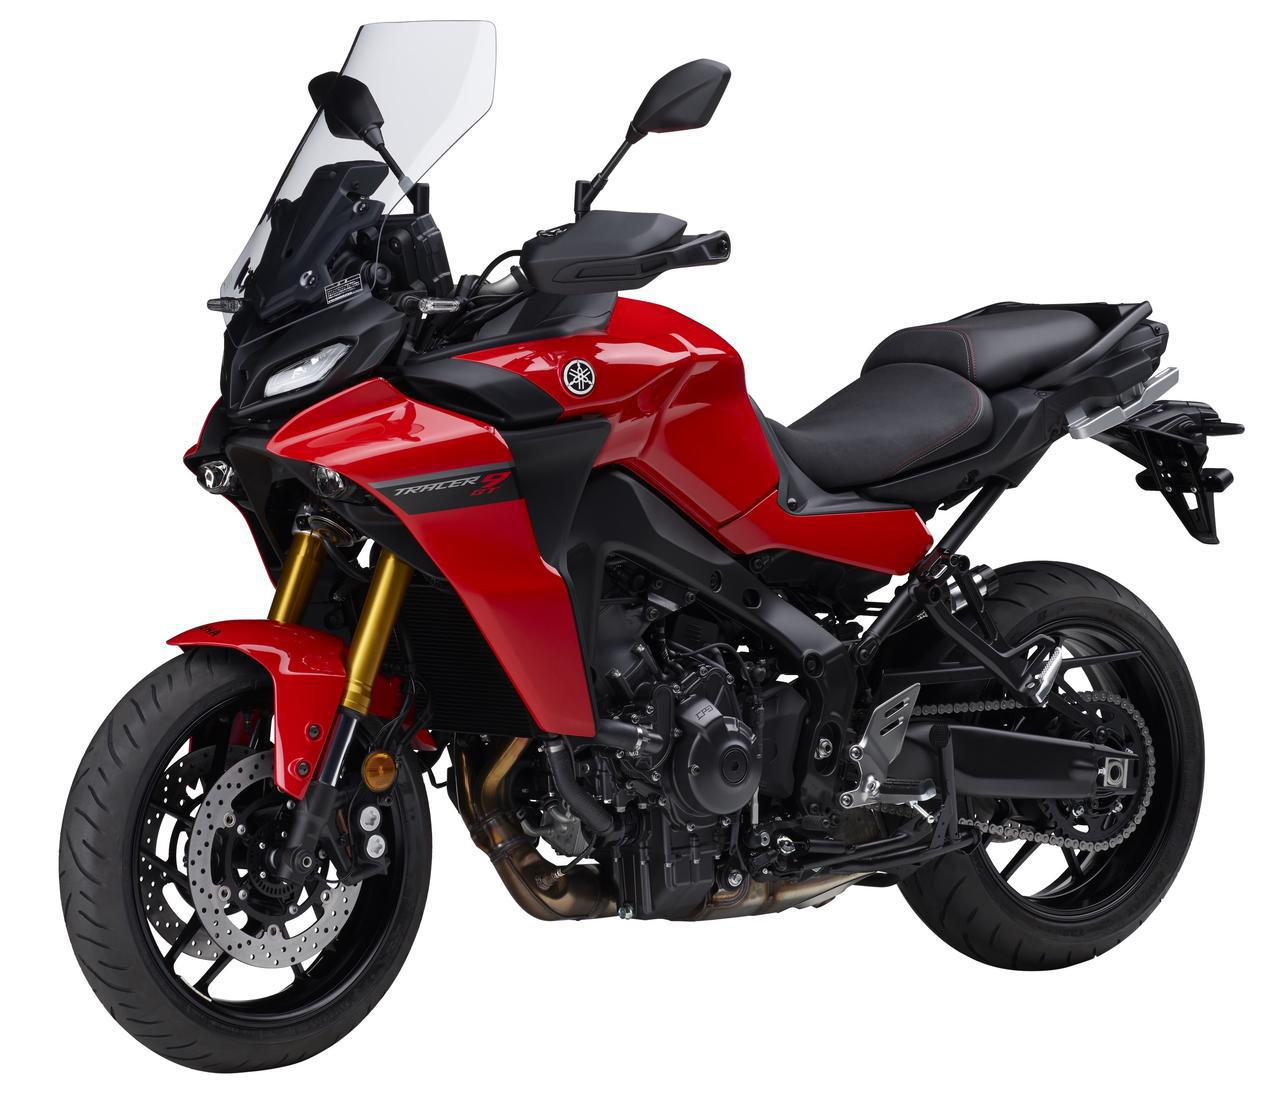 画像1: ▶▶▶「トレーサー9 GT」詳しくはこちら - webオートバイ